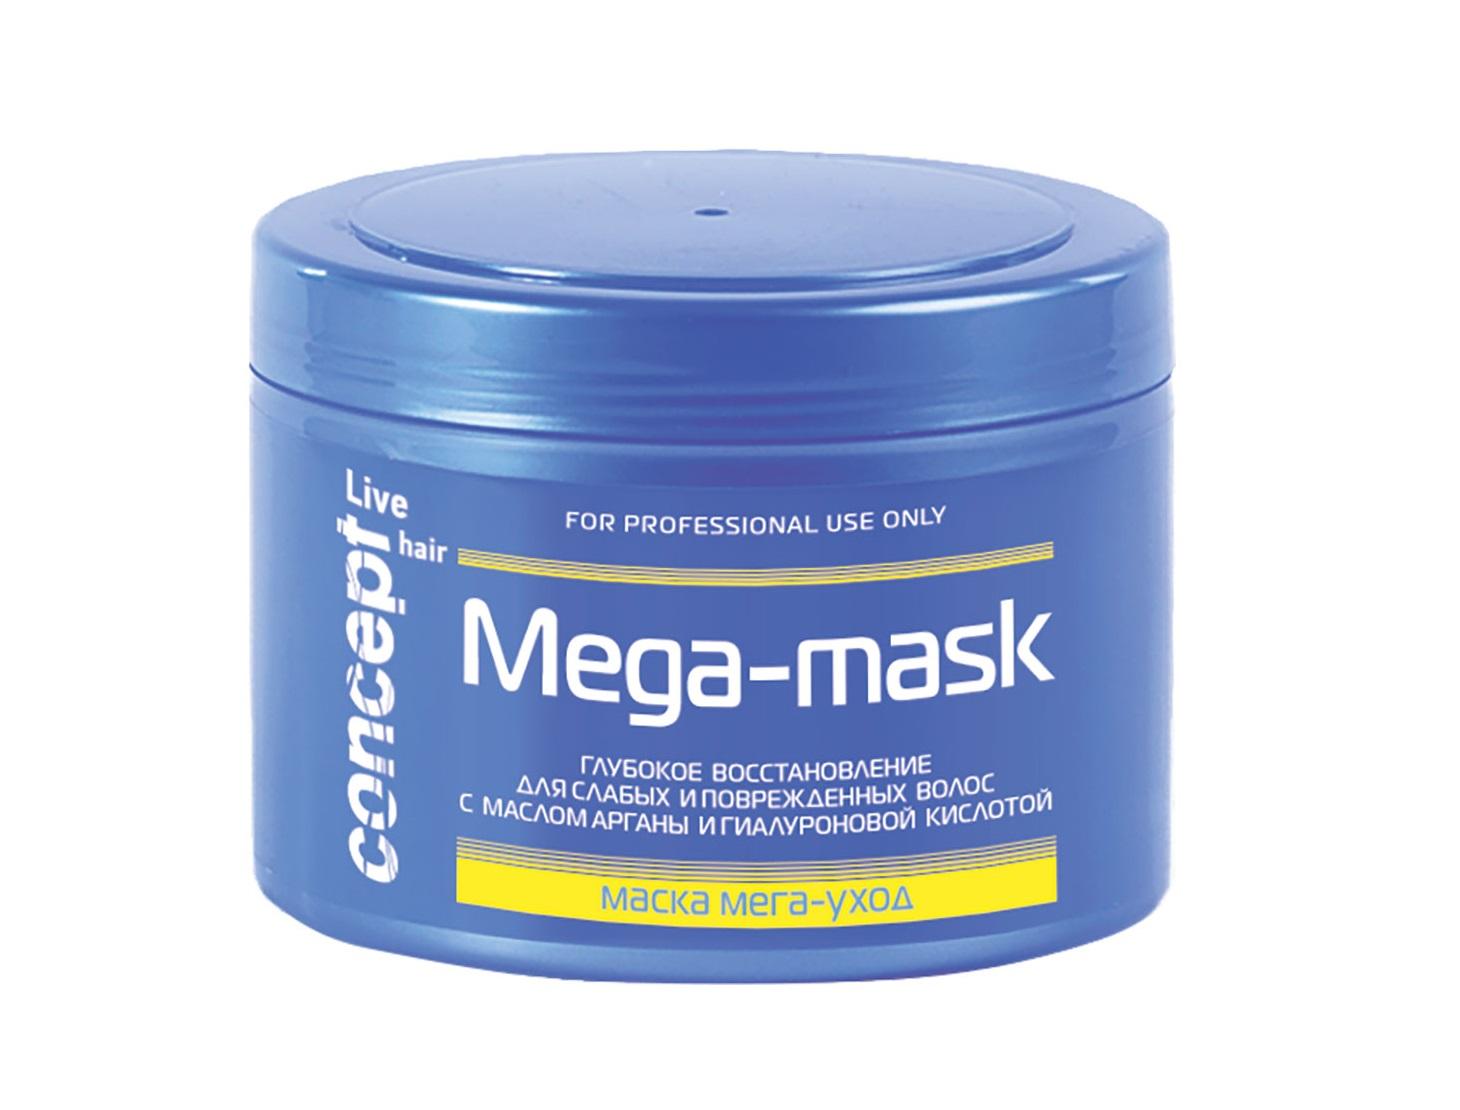 Купить CONCEPT Маска мега-уход для слабых и поврежденных волос / LIVE HAIR MEGA-MASK 500 мл